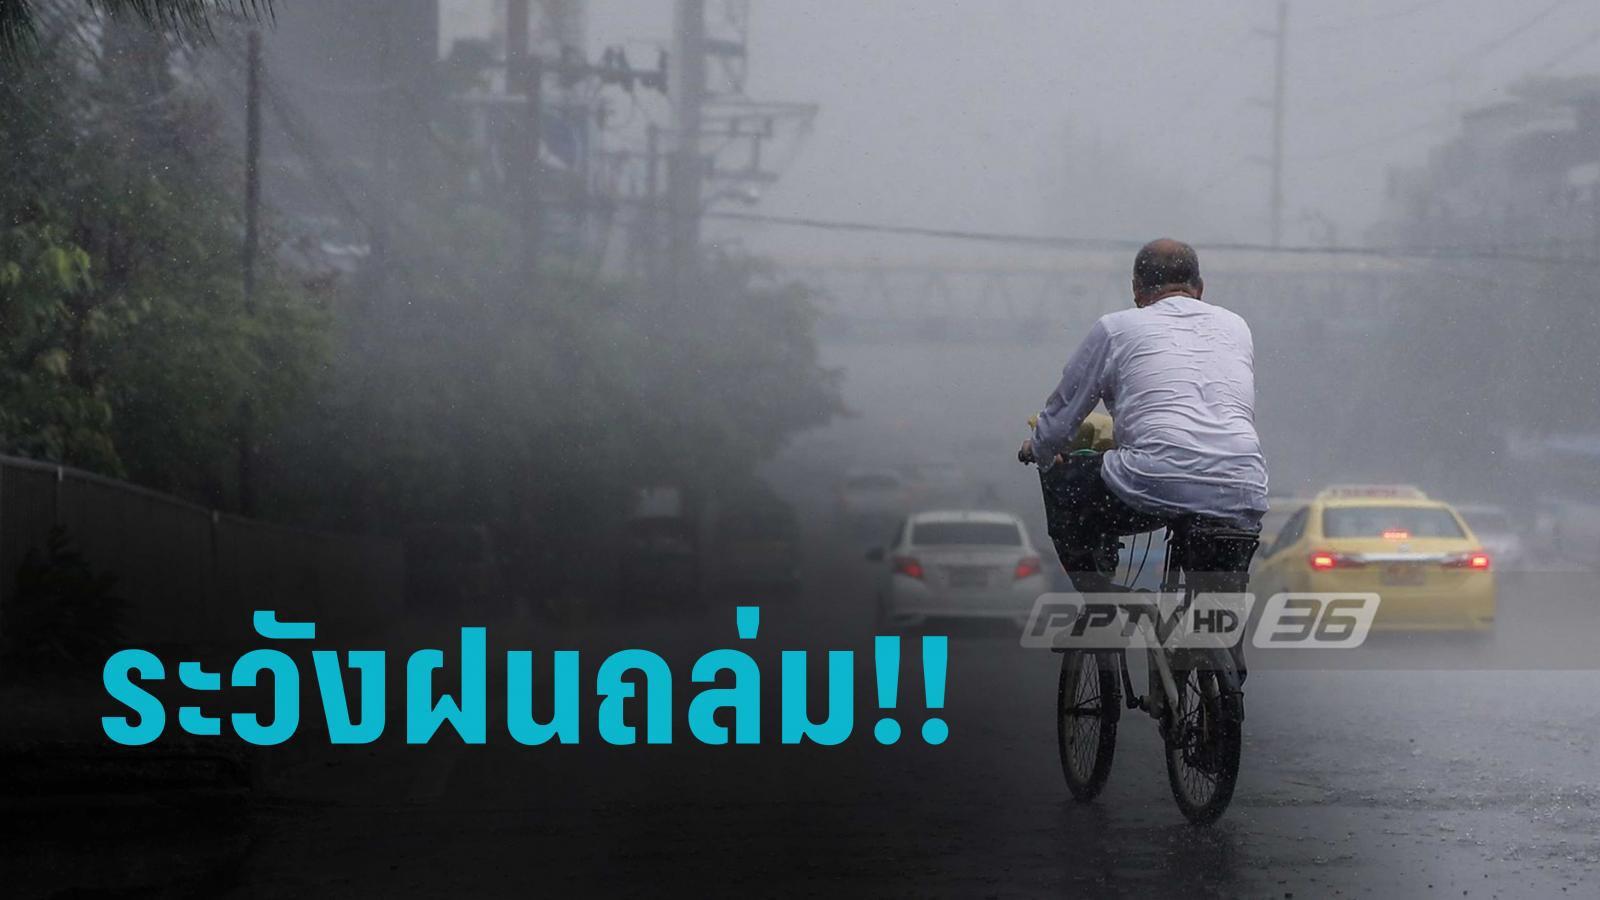 อุตุฯเตือน 33 จังหวัดระวังฝนถล่ม กทม.มีฝนฟ้าคะนอง 60%